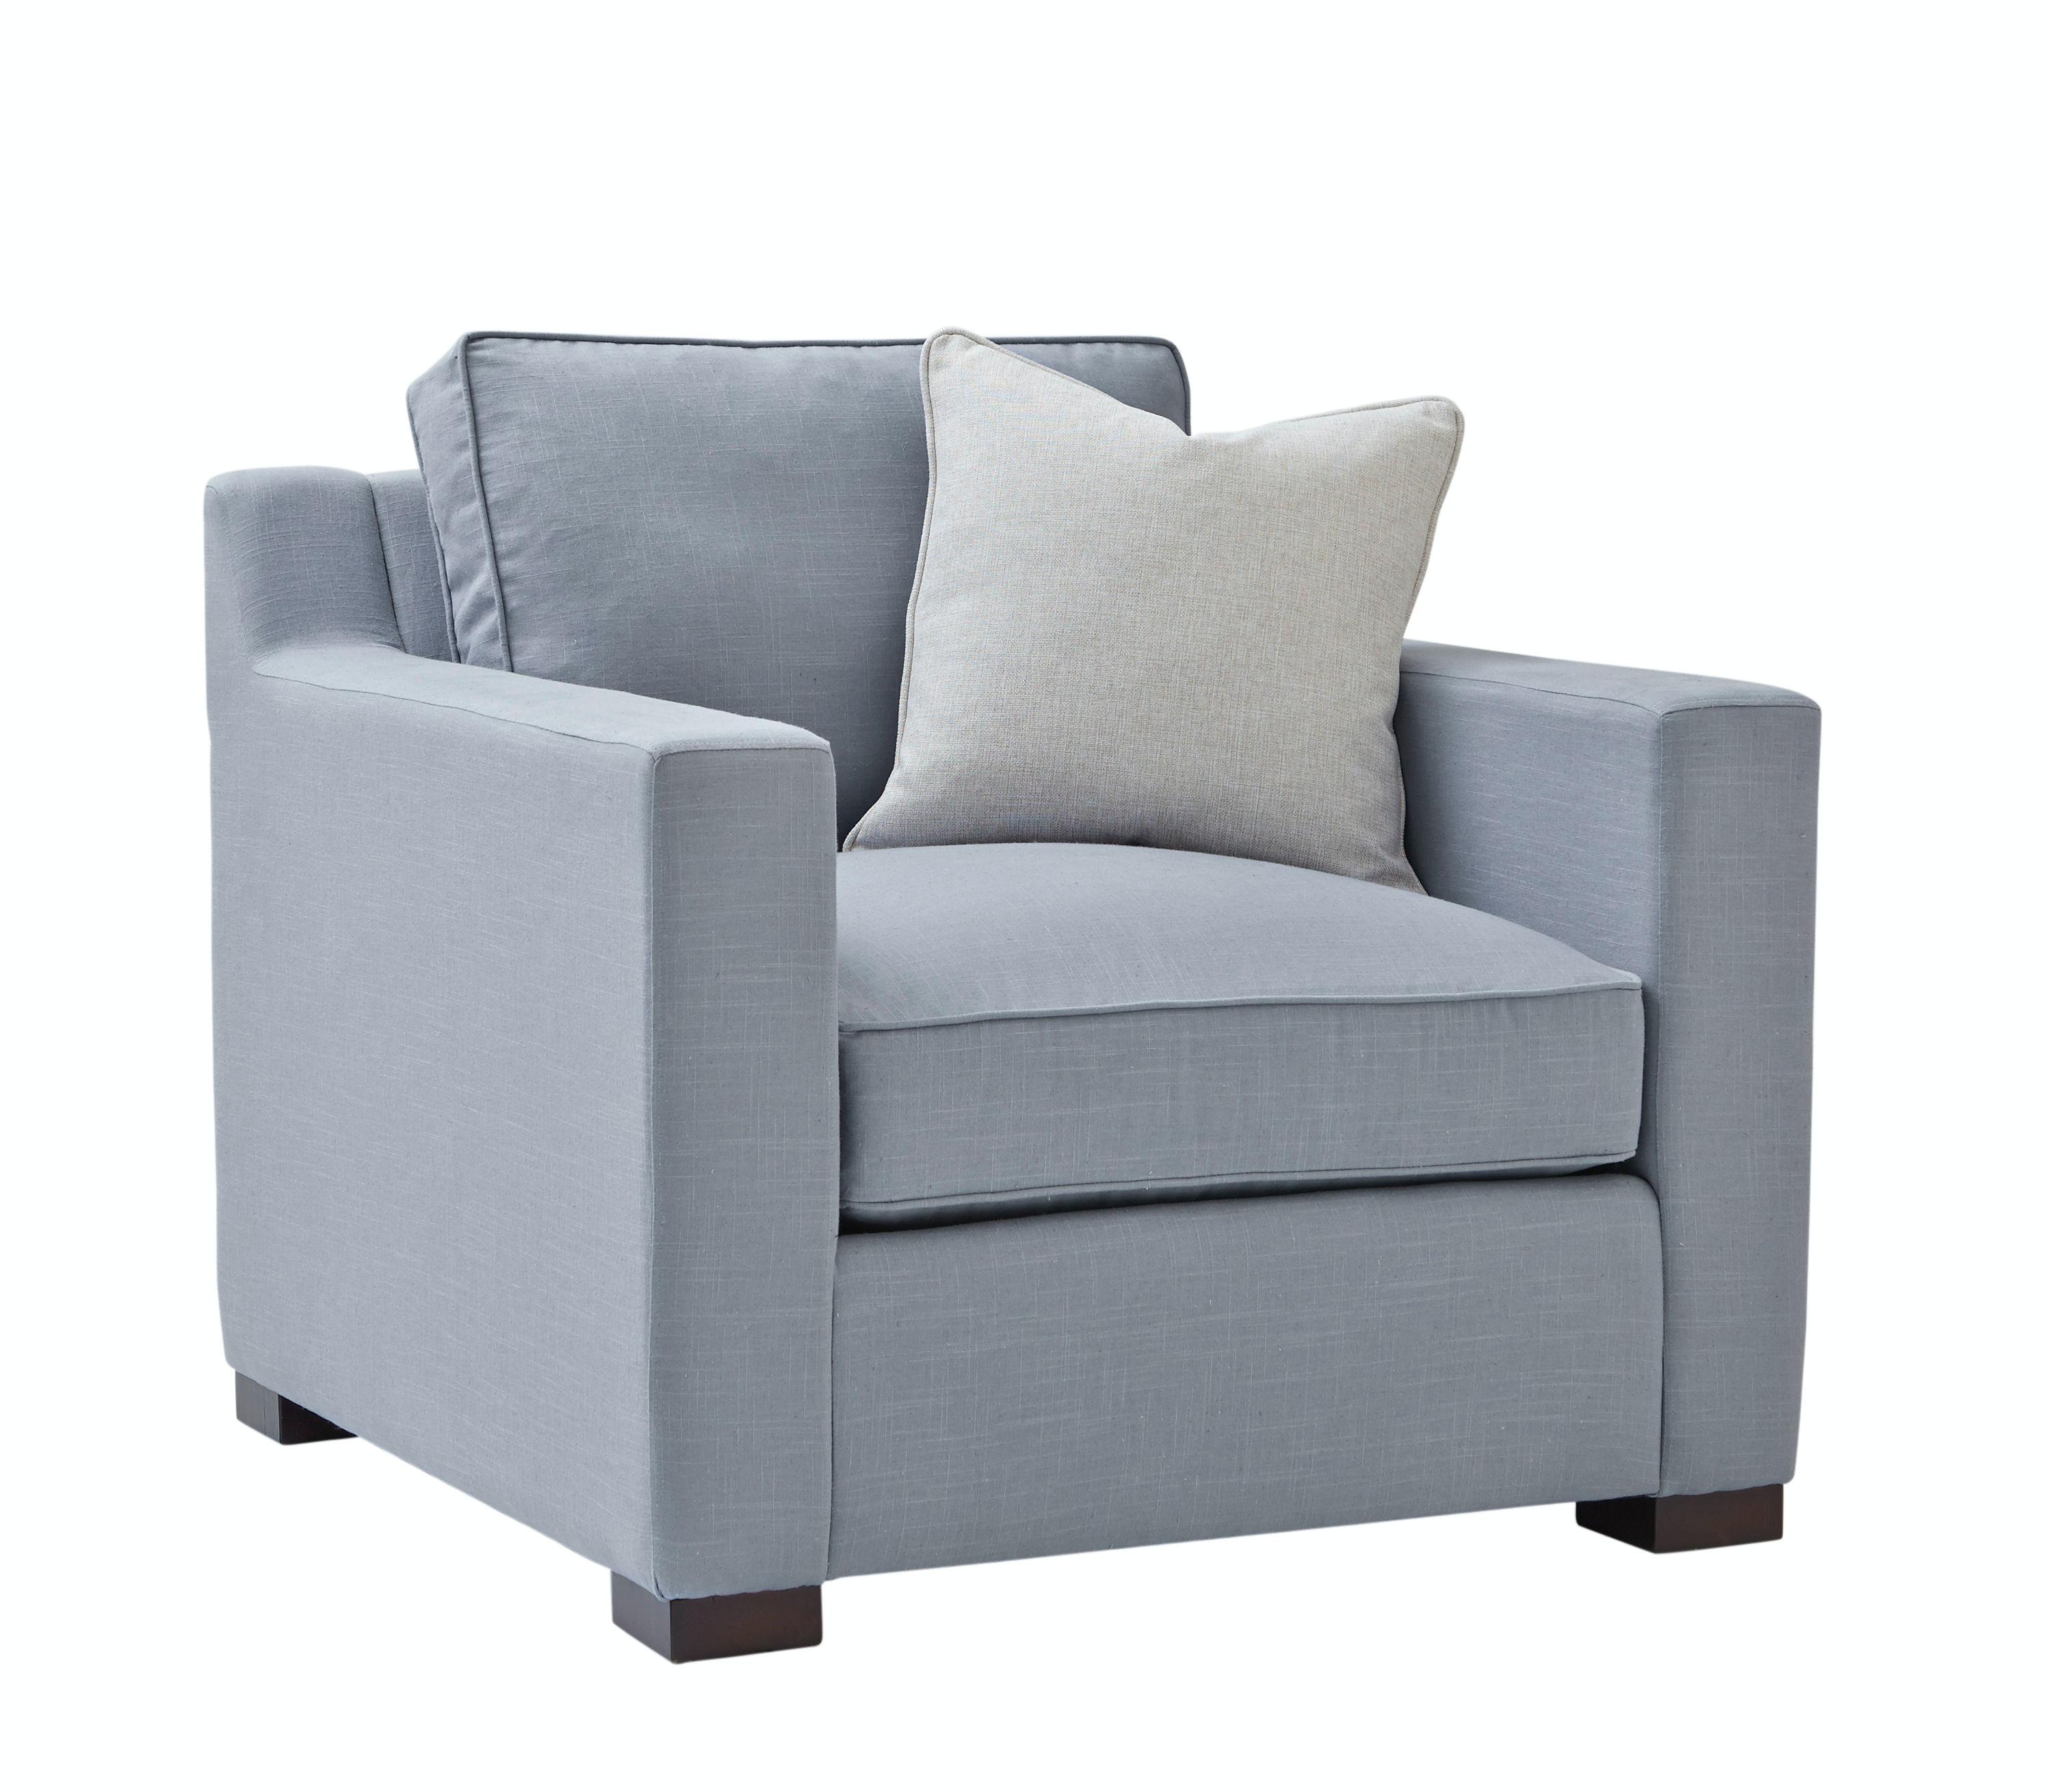 Palmer Chair 5750-001